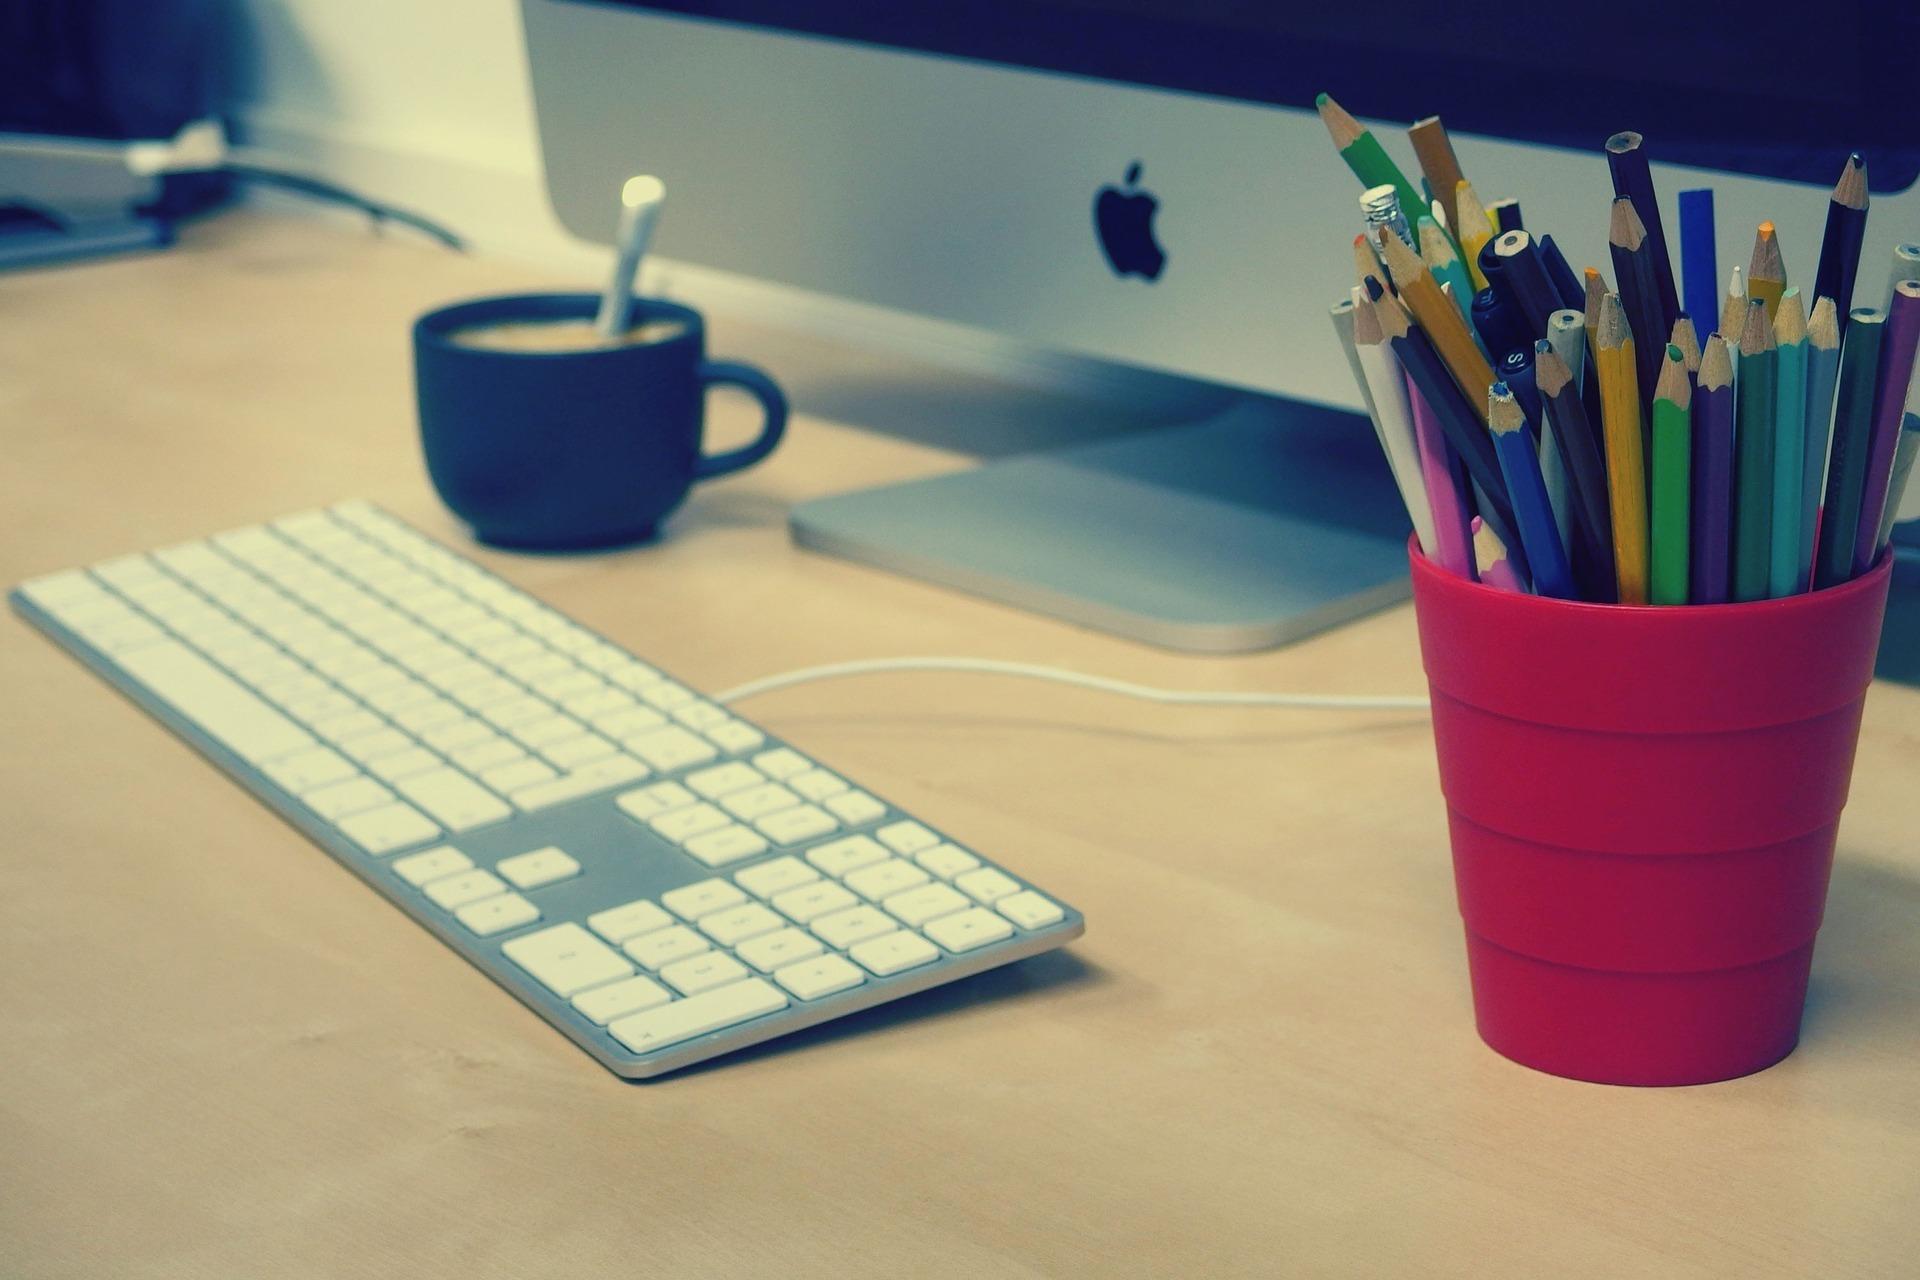 Un ordinateur avec un pot de crayons de couleur.